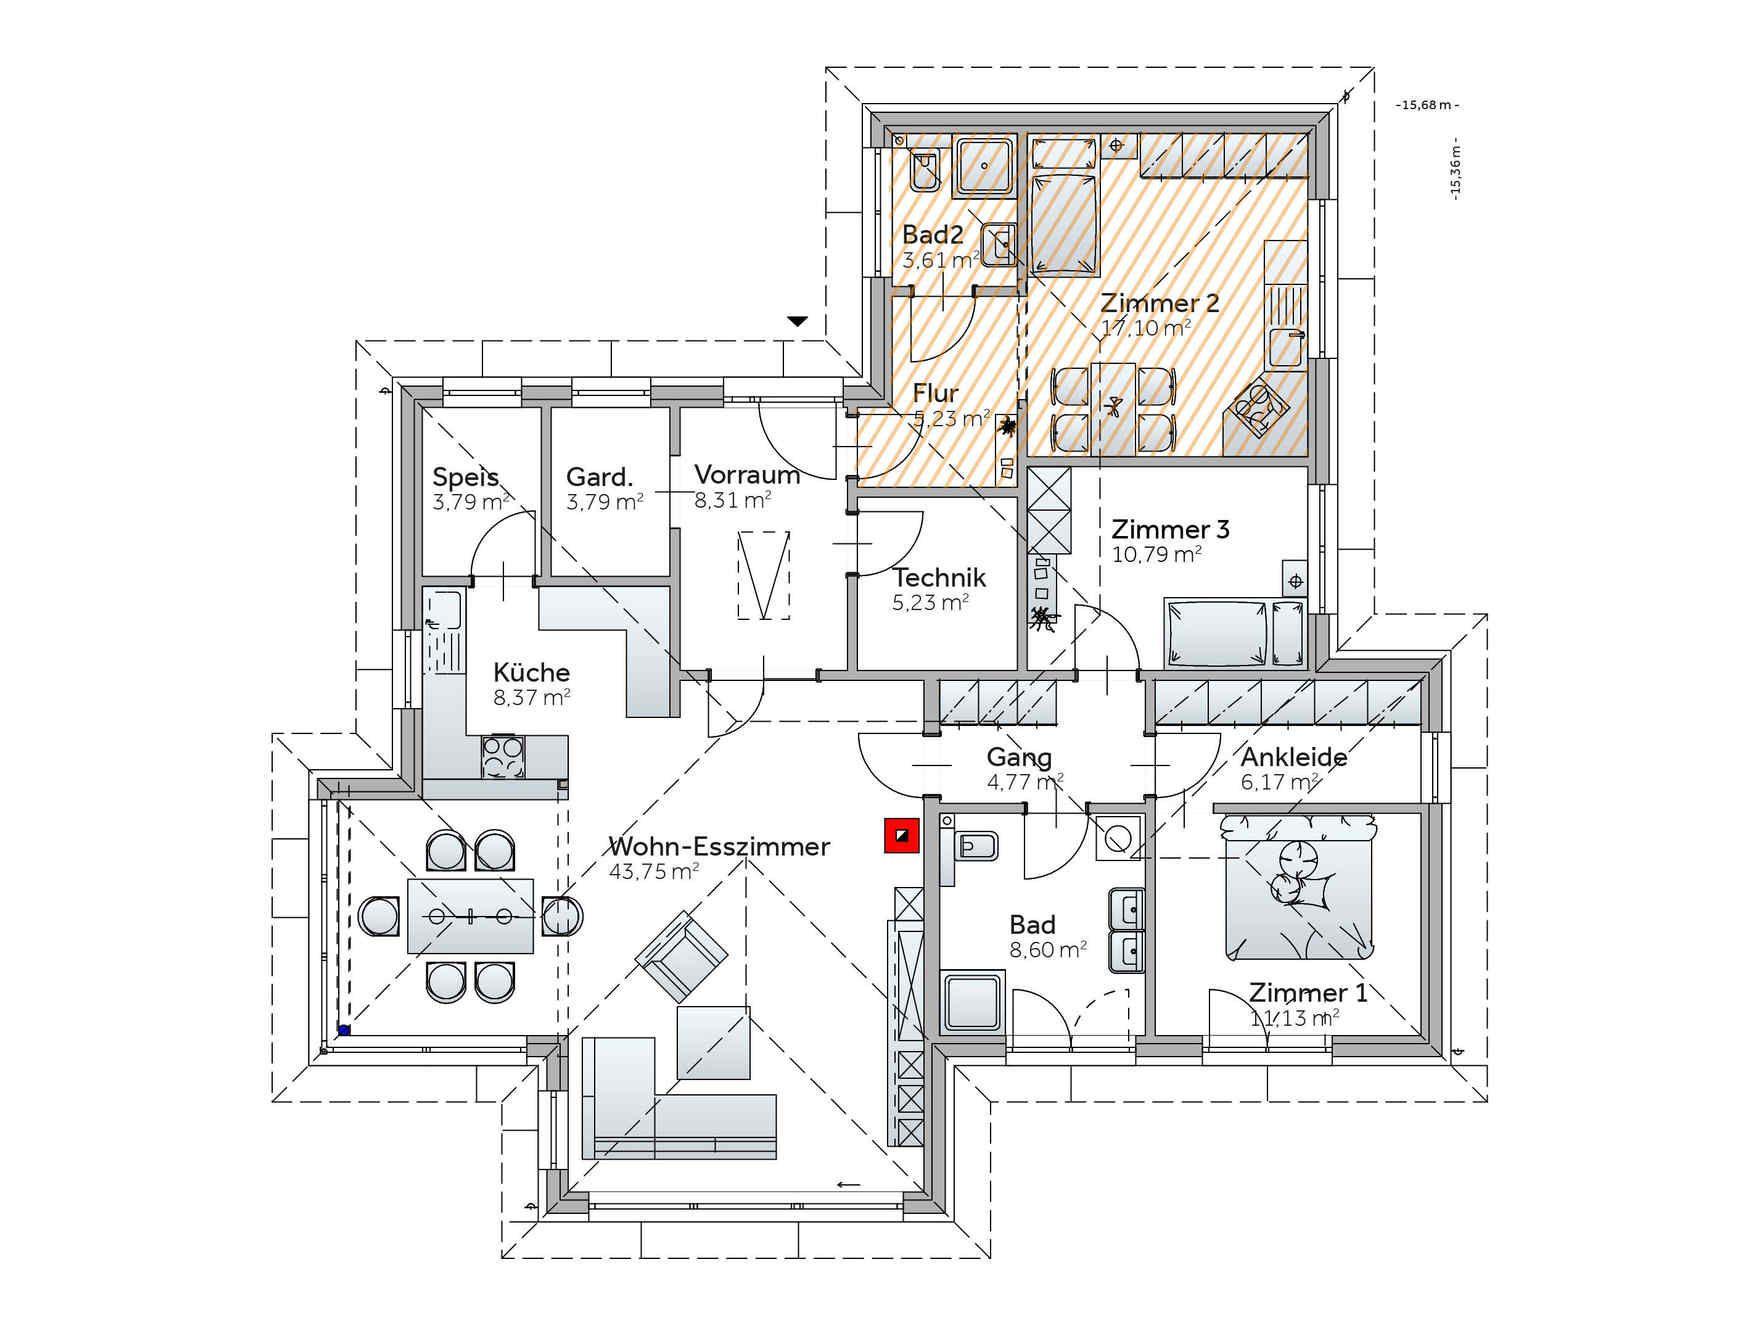 Bildergebnis für grundrisse bungalow 140 qm